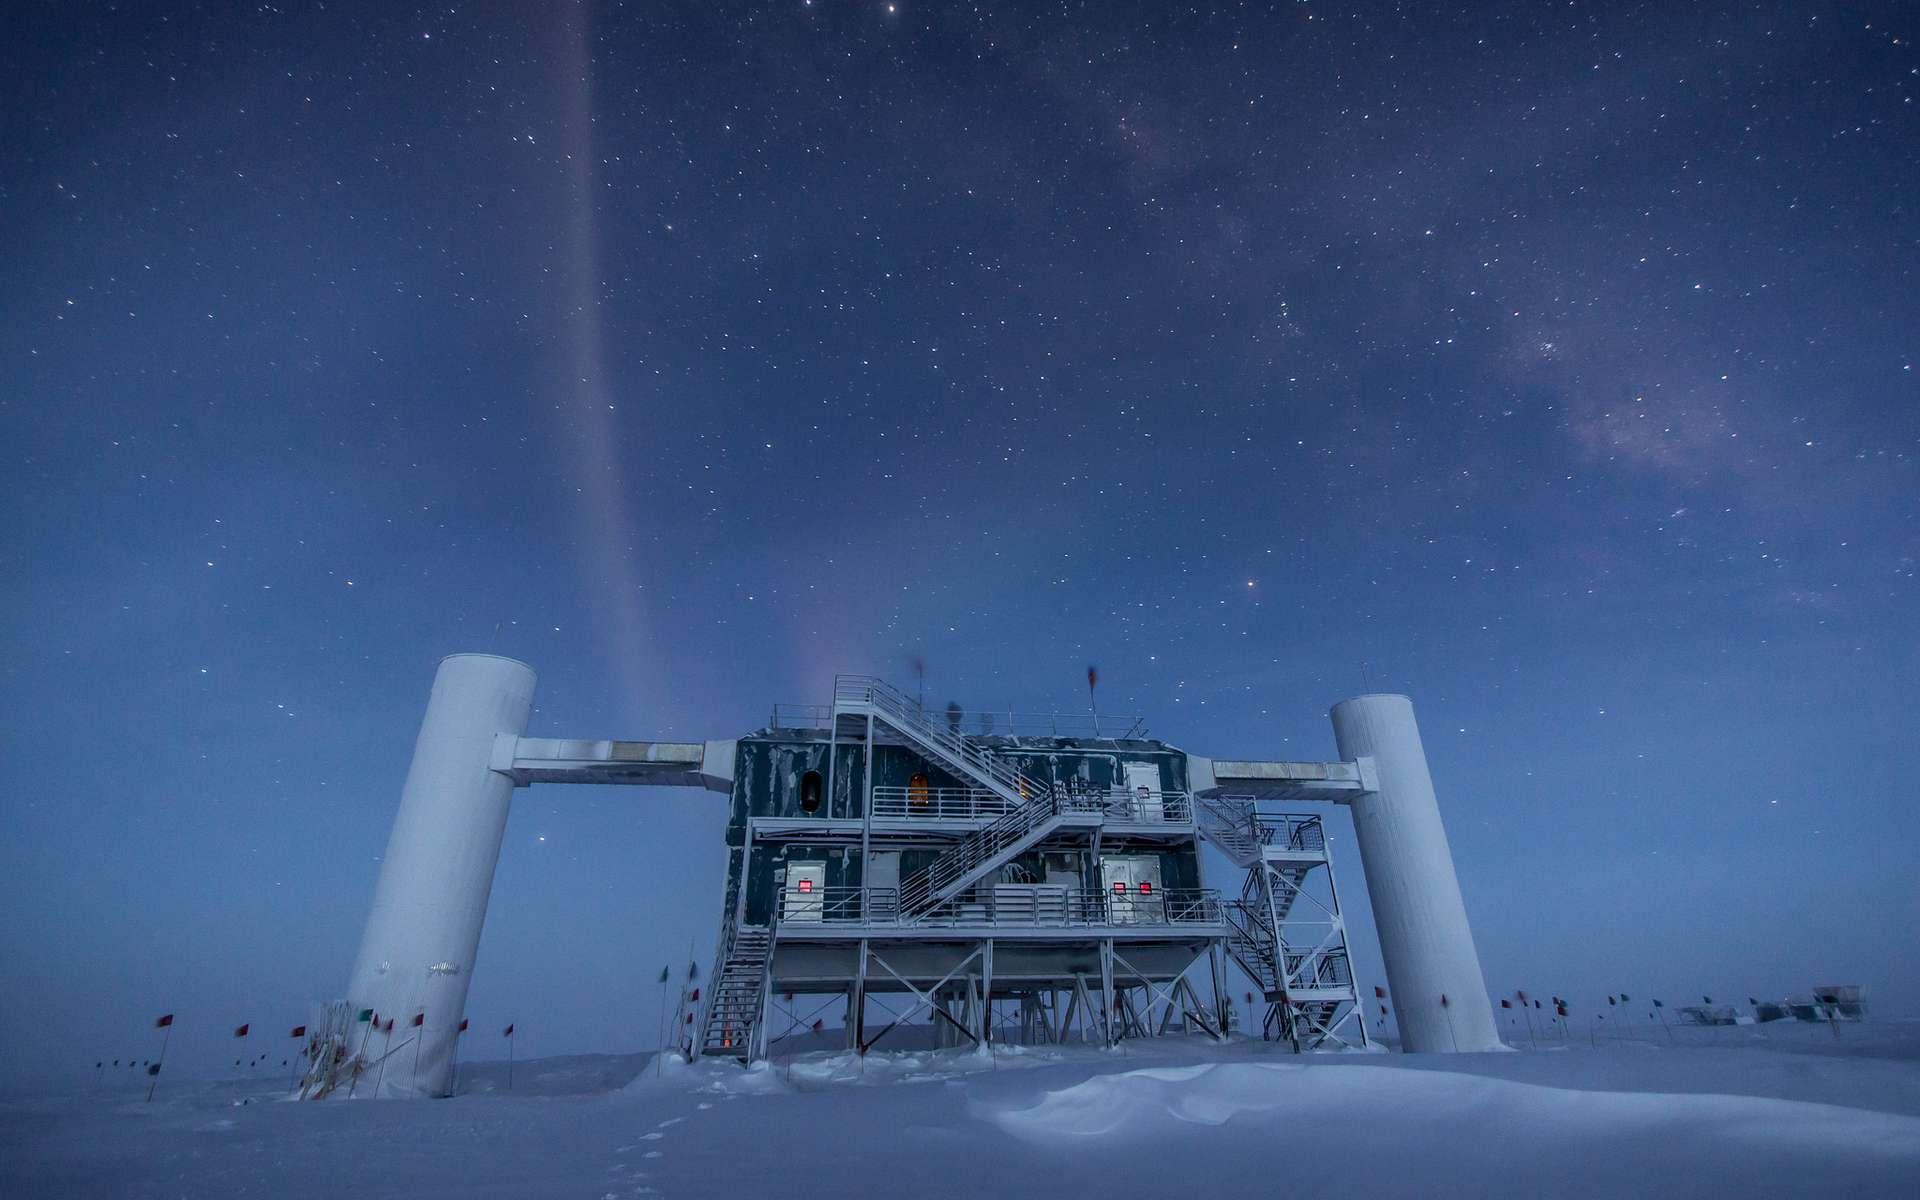 Les bâtiments de surface surplombant le détecteur géant de neutrinos IceCube, en Antarctique. La pureté de la glace à plus d'un kilomètre de profondeur permet à plus de 5.000 photomultiplicateurs d'enregistrer avec précision les flashs bleutés très ténus générés par les muons issus de la collision des neutrinos avec les noyaux atomiques de la glace. La construction d'IceCube a commencé en 2005, mais le détecteur est une version plus grande d'Amanda, qui date du début des années 1990. © Felipe Pedreros, IceCube, NSF